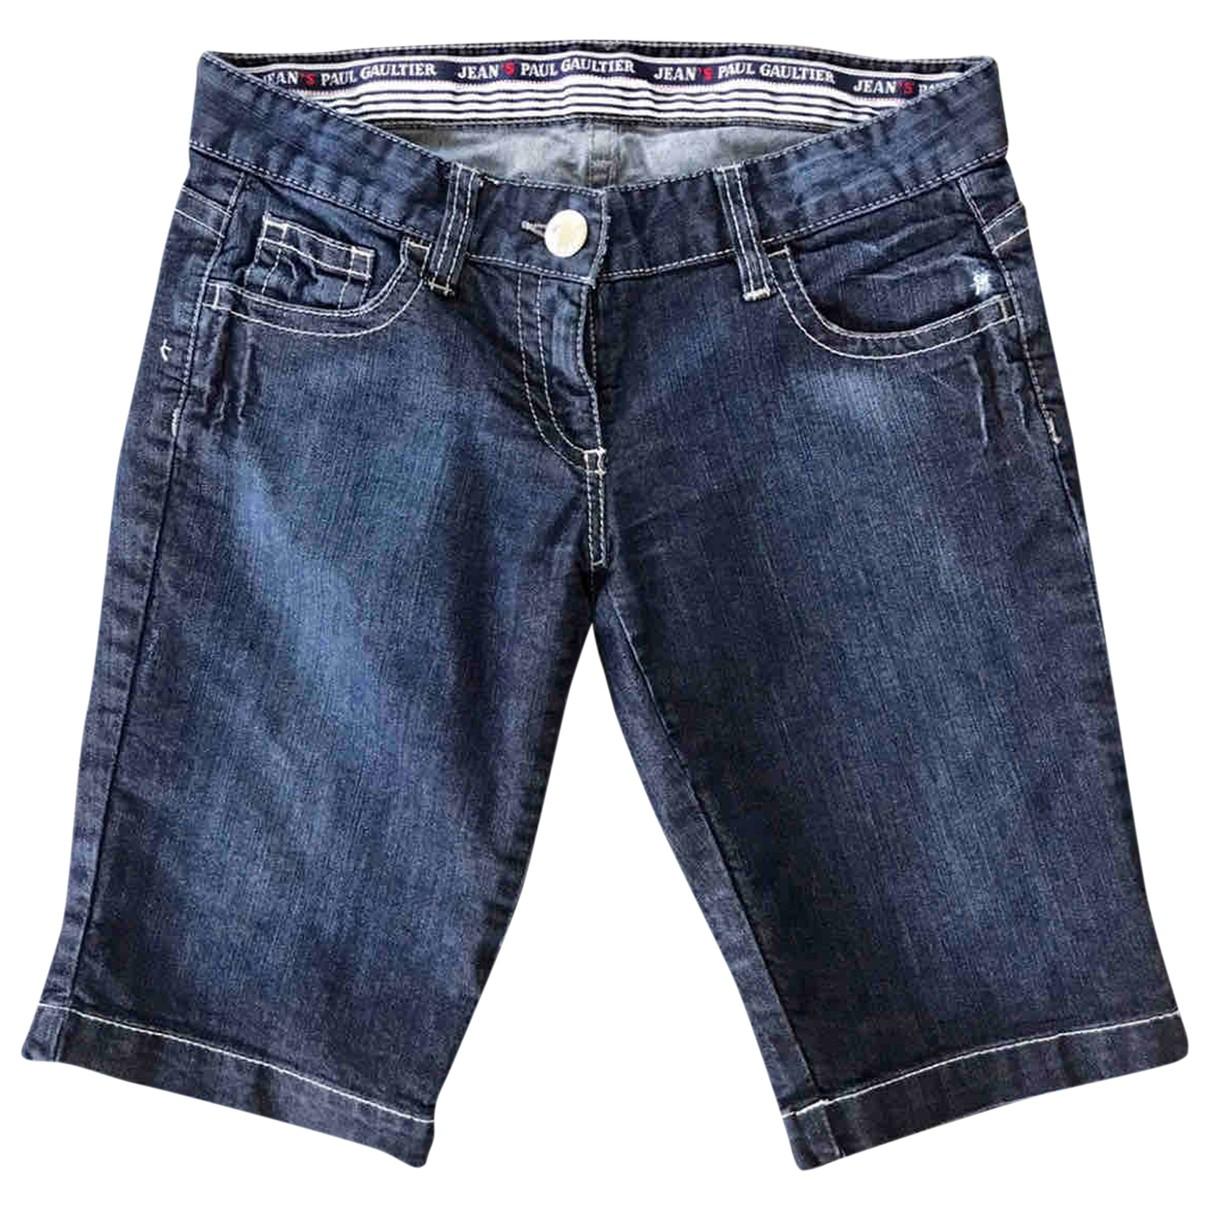 Jean Paul Gaultier \N Shorts in  Blau Denim - Jeans